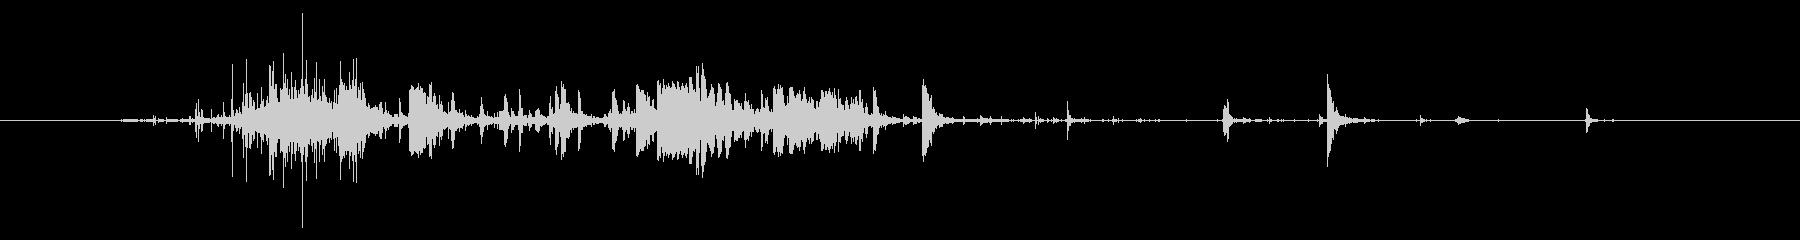 ゴア リップボーンアンドフレッシュ01の未再生の波形